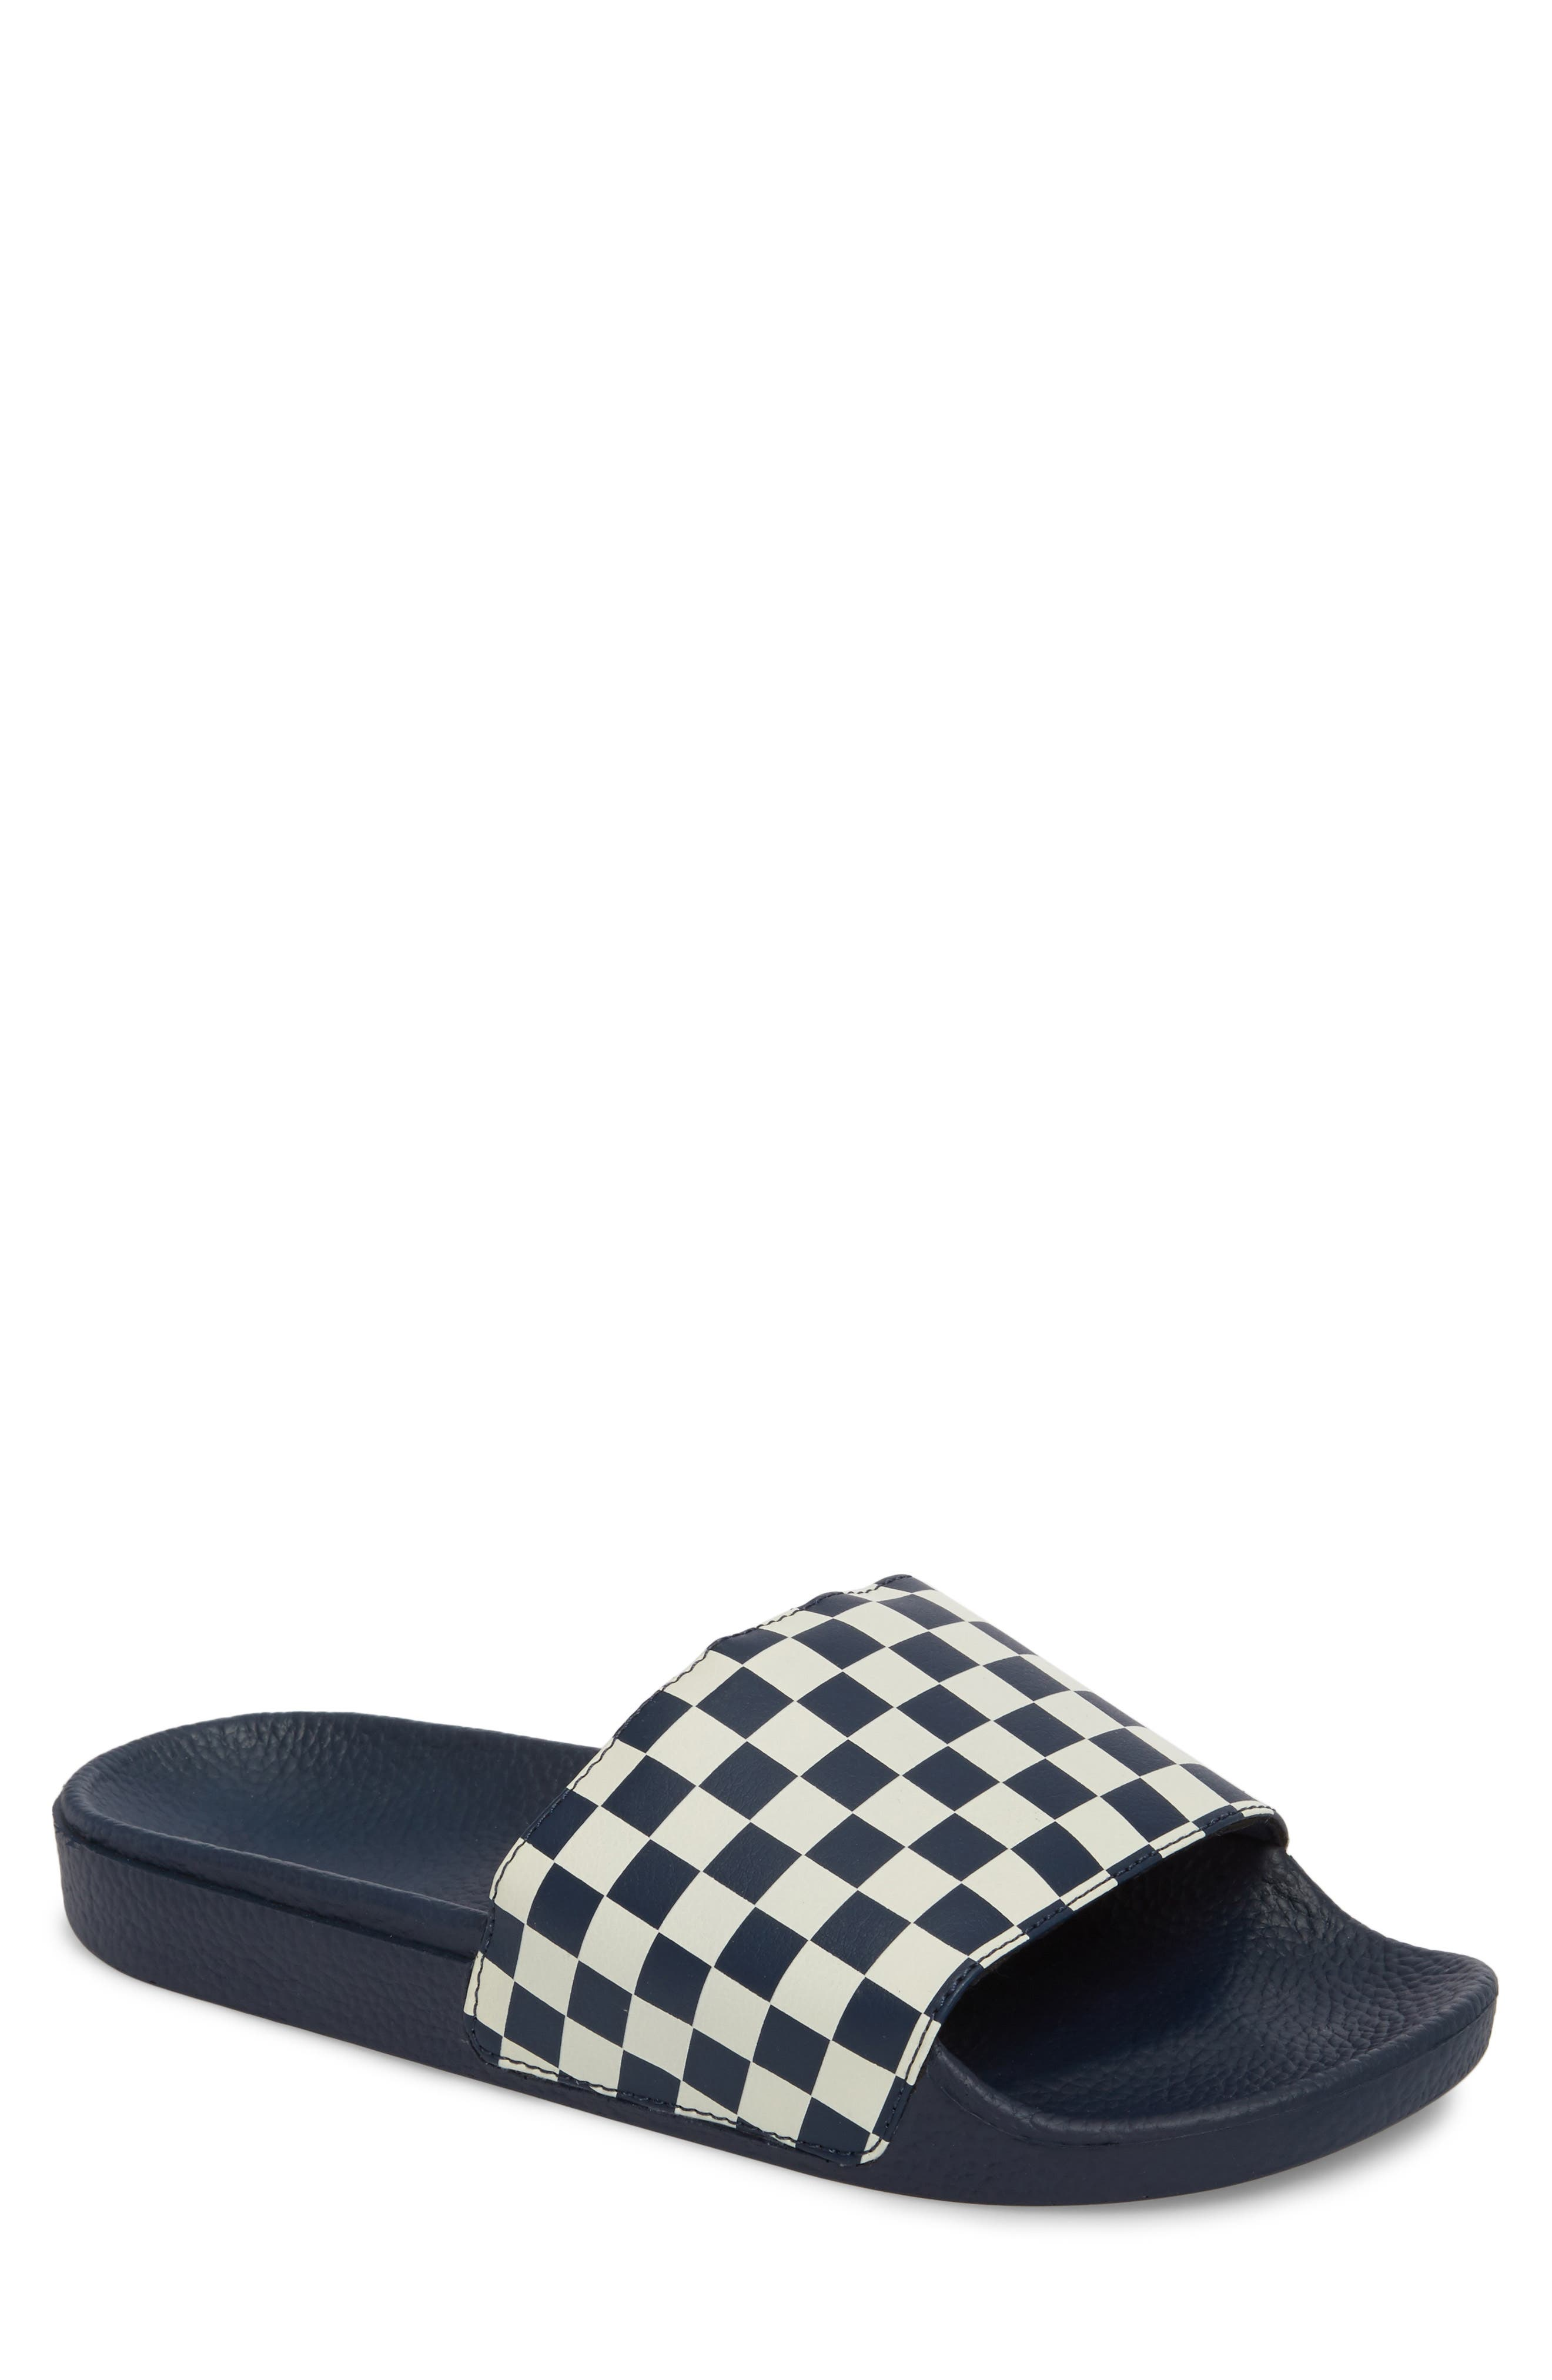 Main Image - Vans 'Slide-On' Slide Sandal (Men)